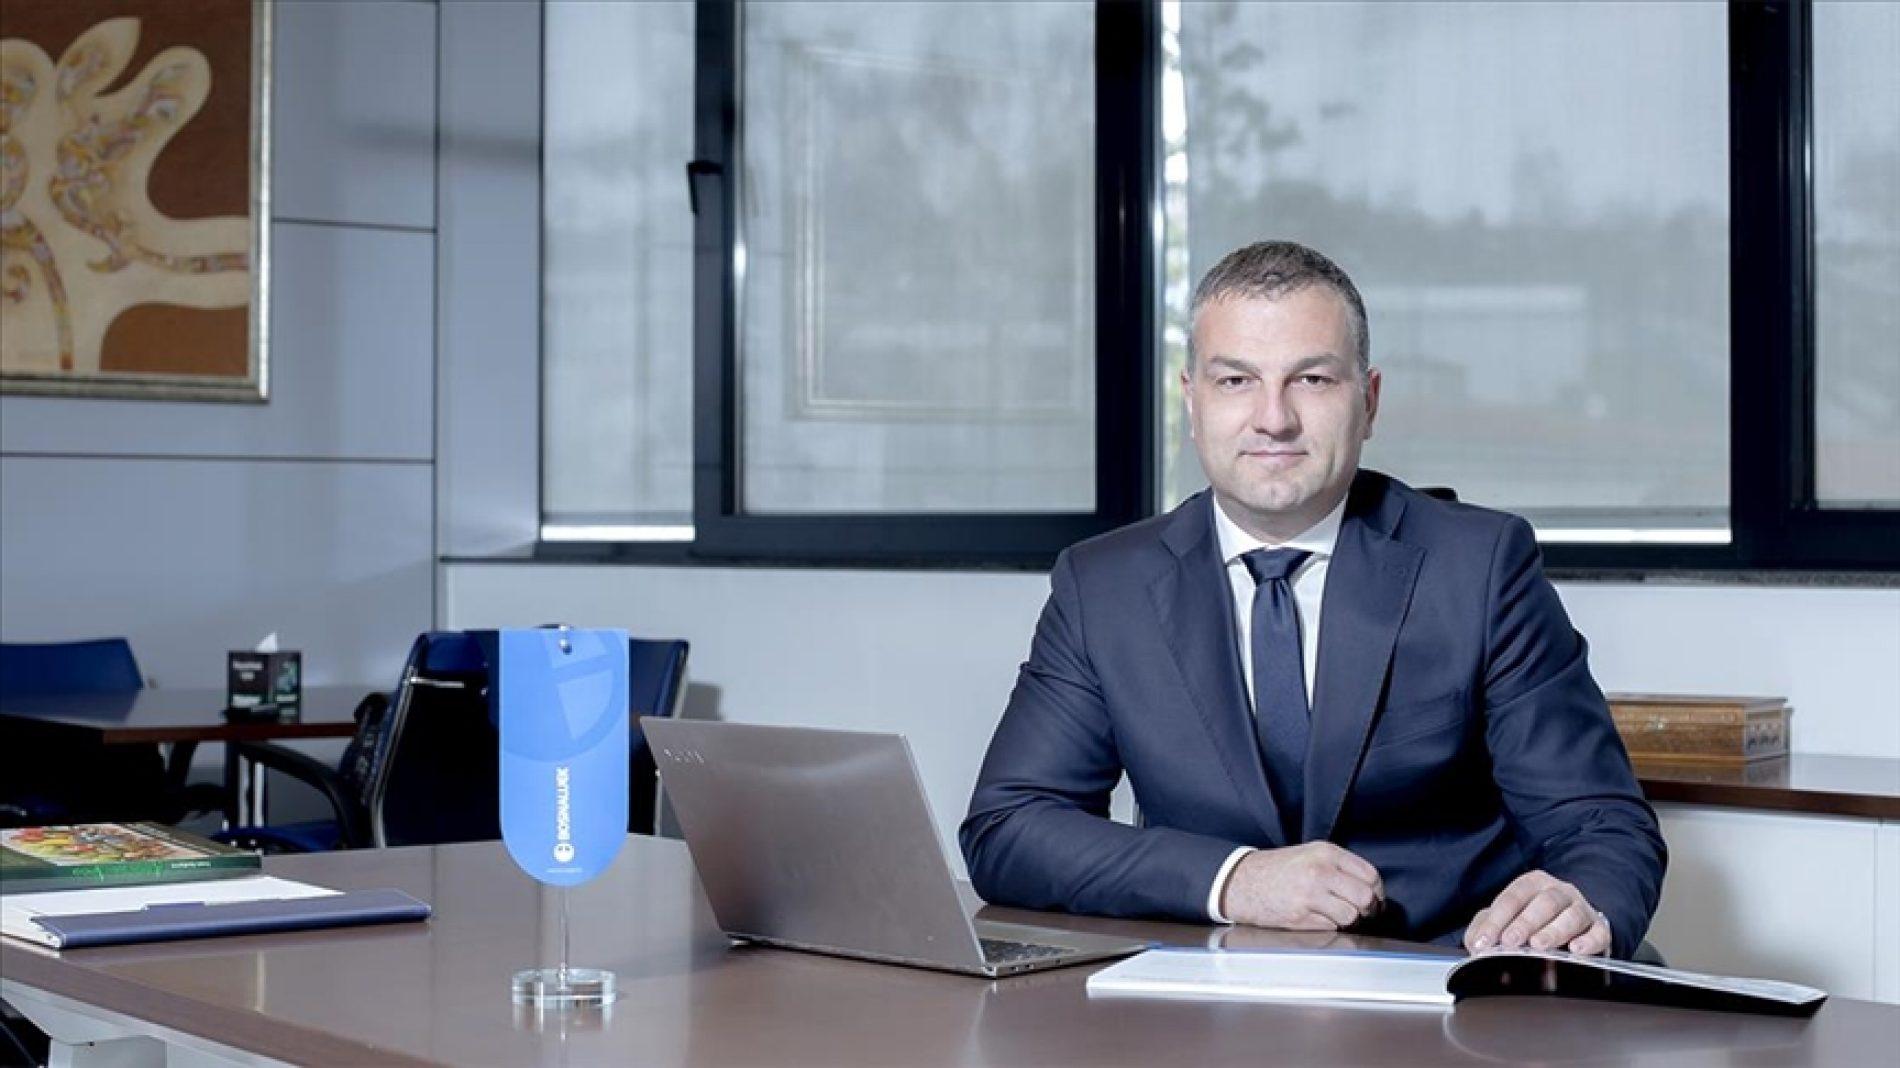 Direktor Bosnalijeka: Bosna i Hercegovina ima lijek koji pomaže u liječenju COVID-a